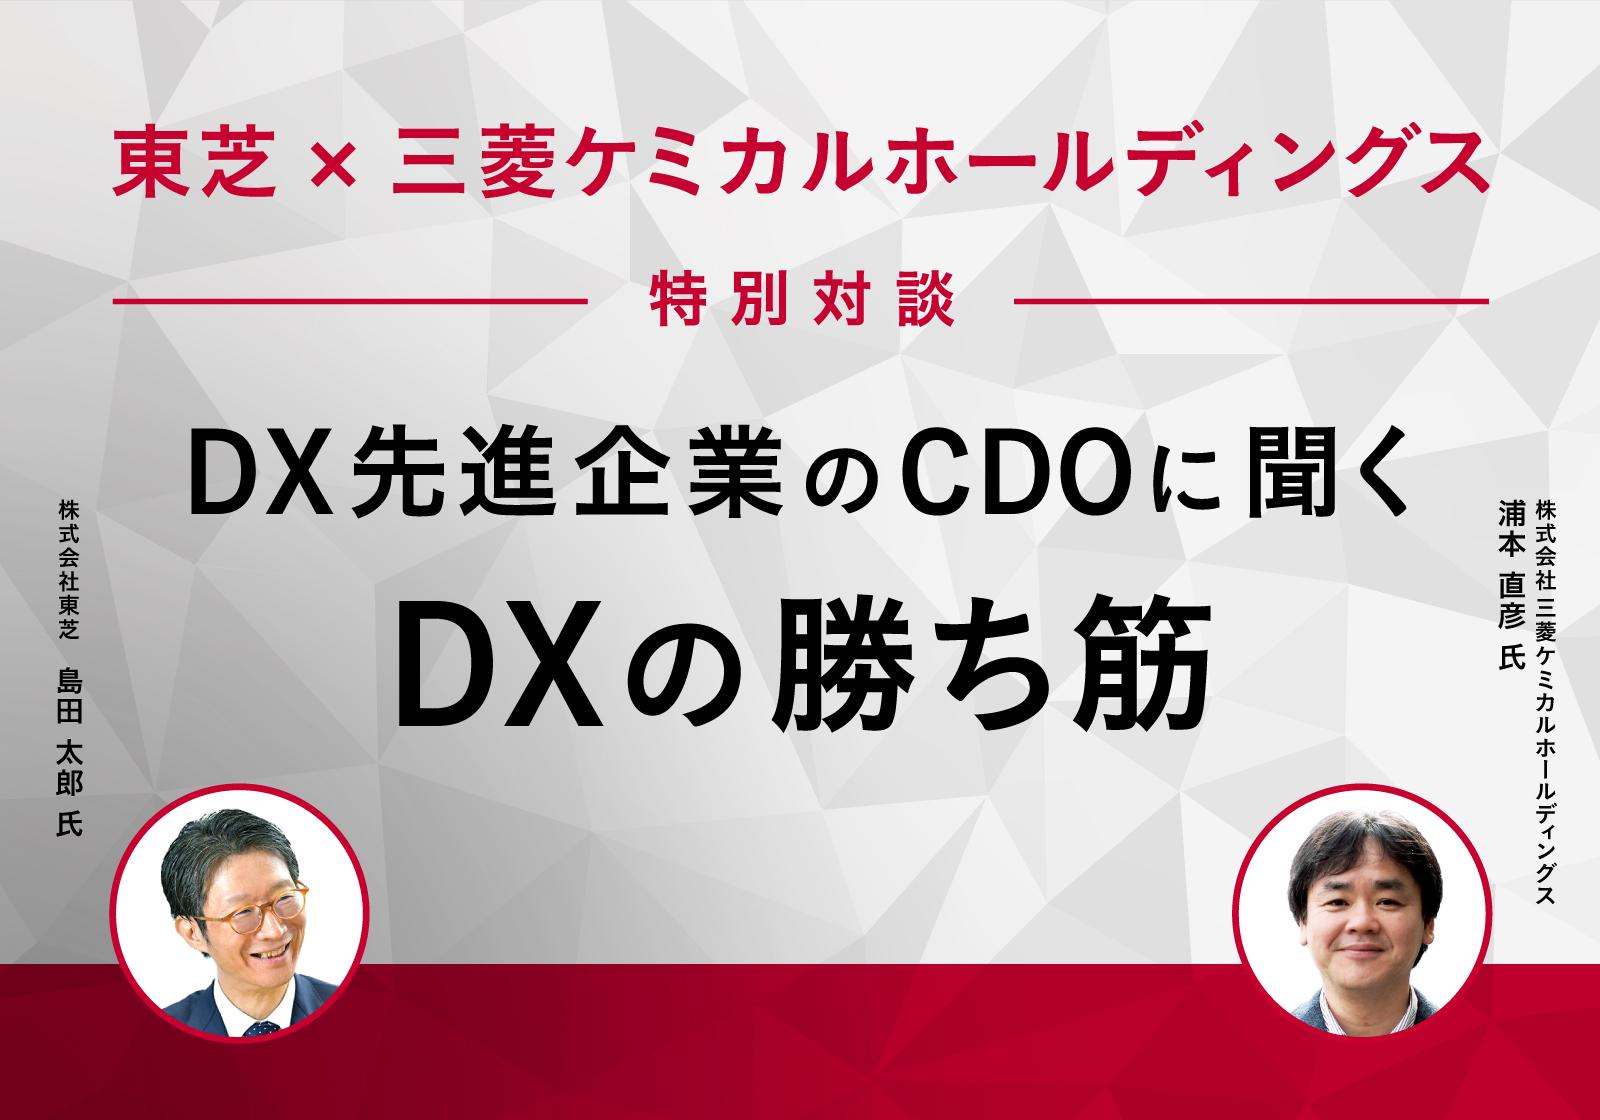 DX先進企業のCDOに聞く、DXの勝ち筋-東芝・三菱ケミカルホールディングス特別対談